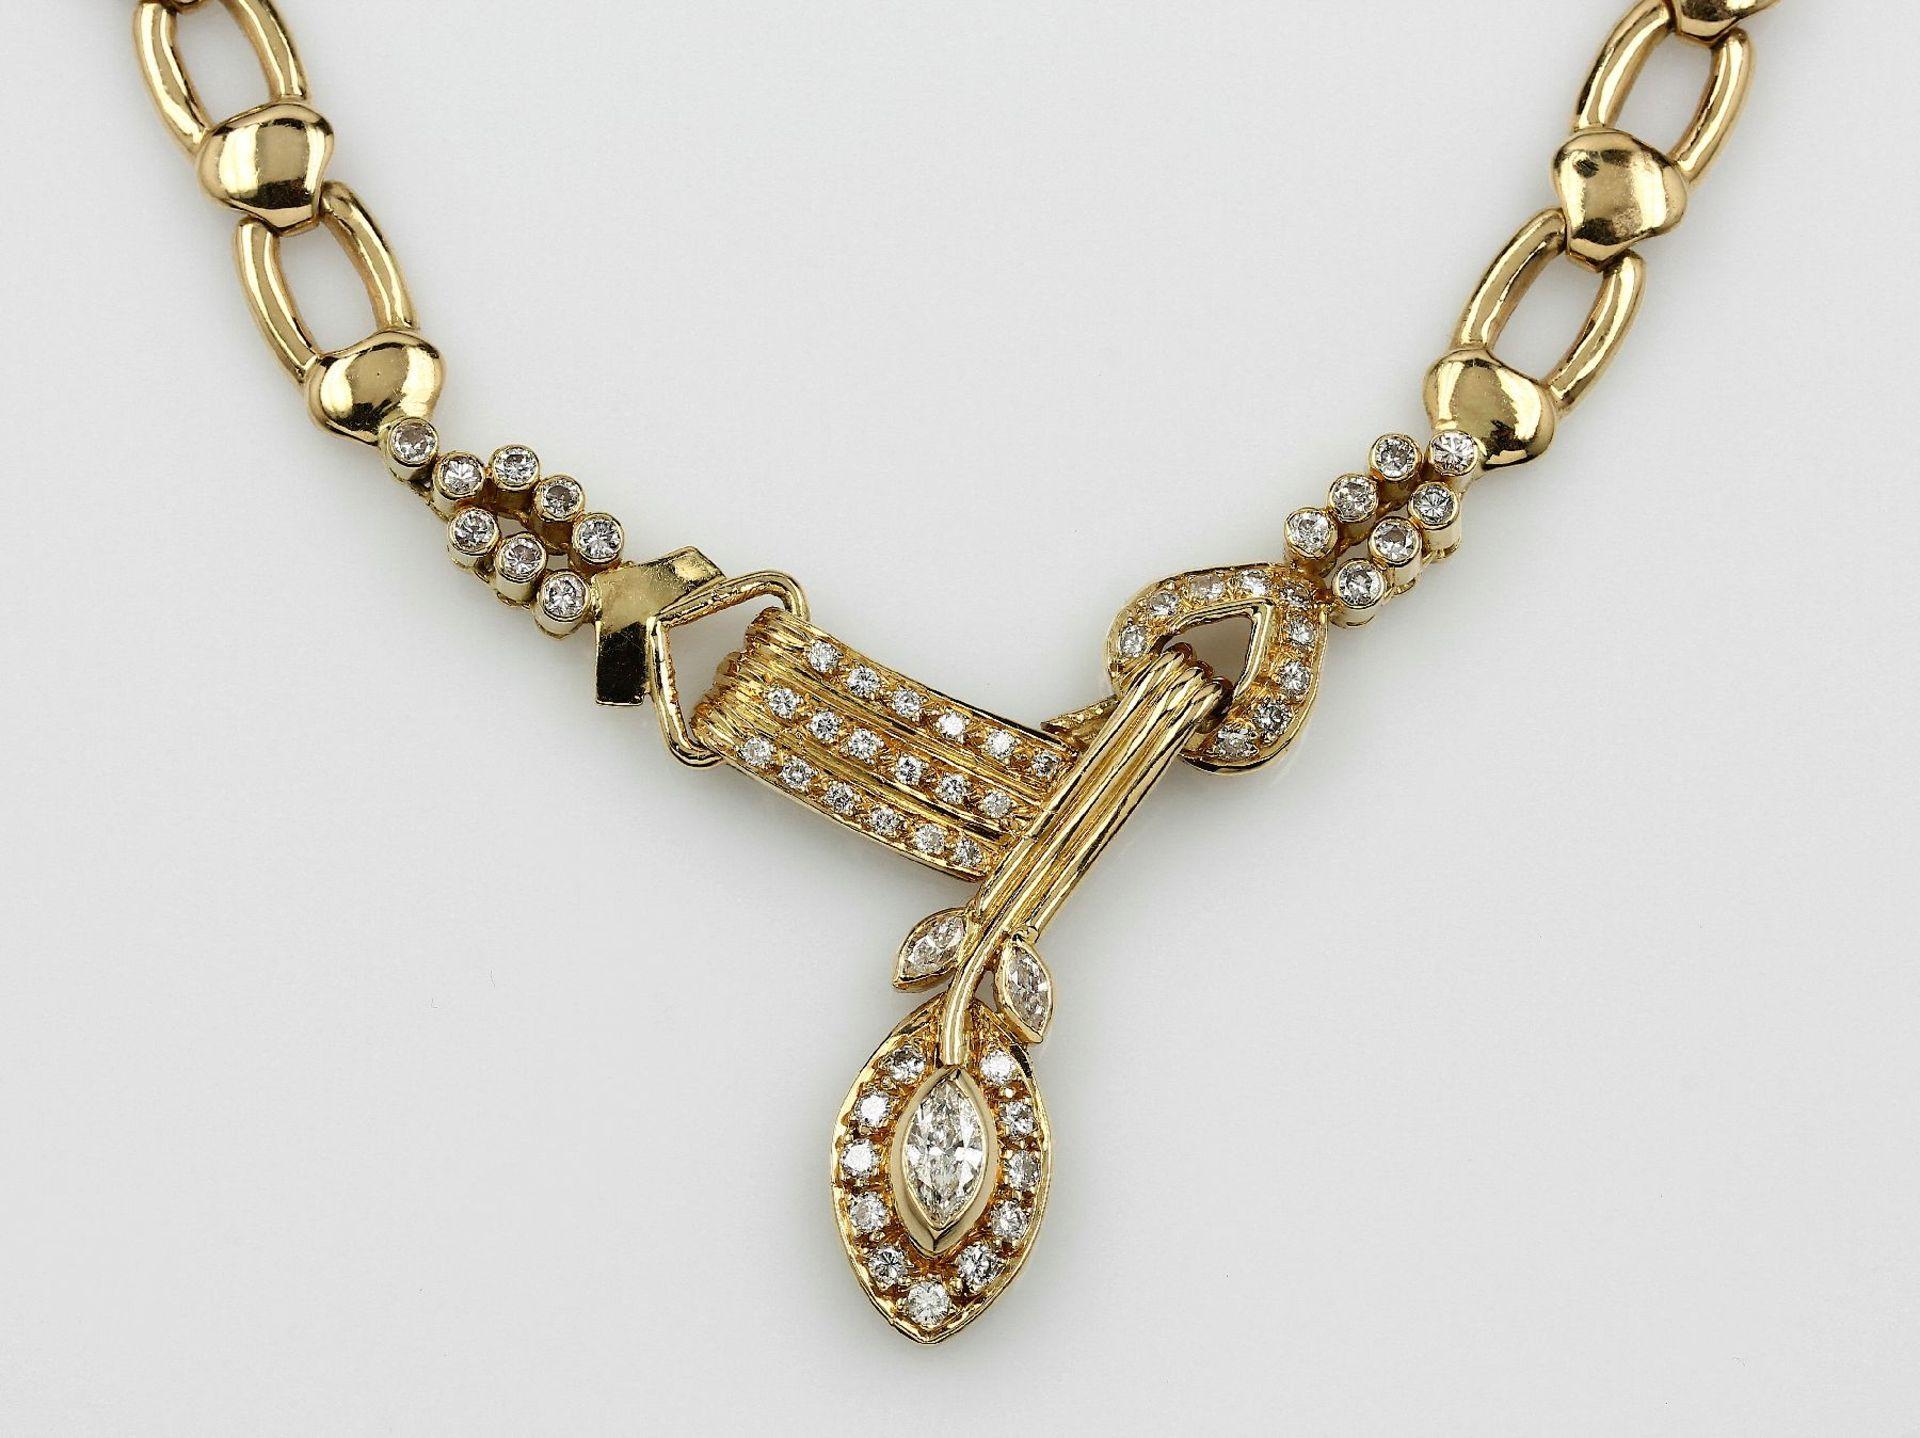 Los 21515 - 18 kt Gold Collier mit Diamanten, GG 750/ 000, 3 Diamantnavettes ca. 0.40 ct Weiß/p, Brillanten zus.